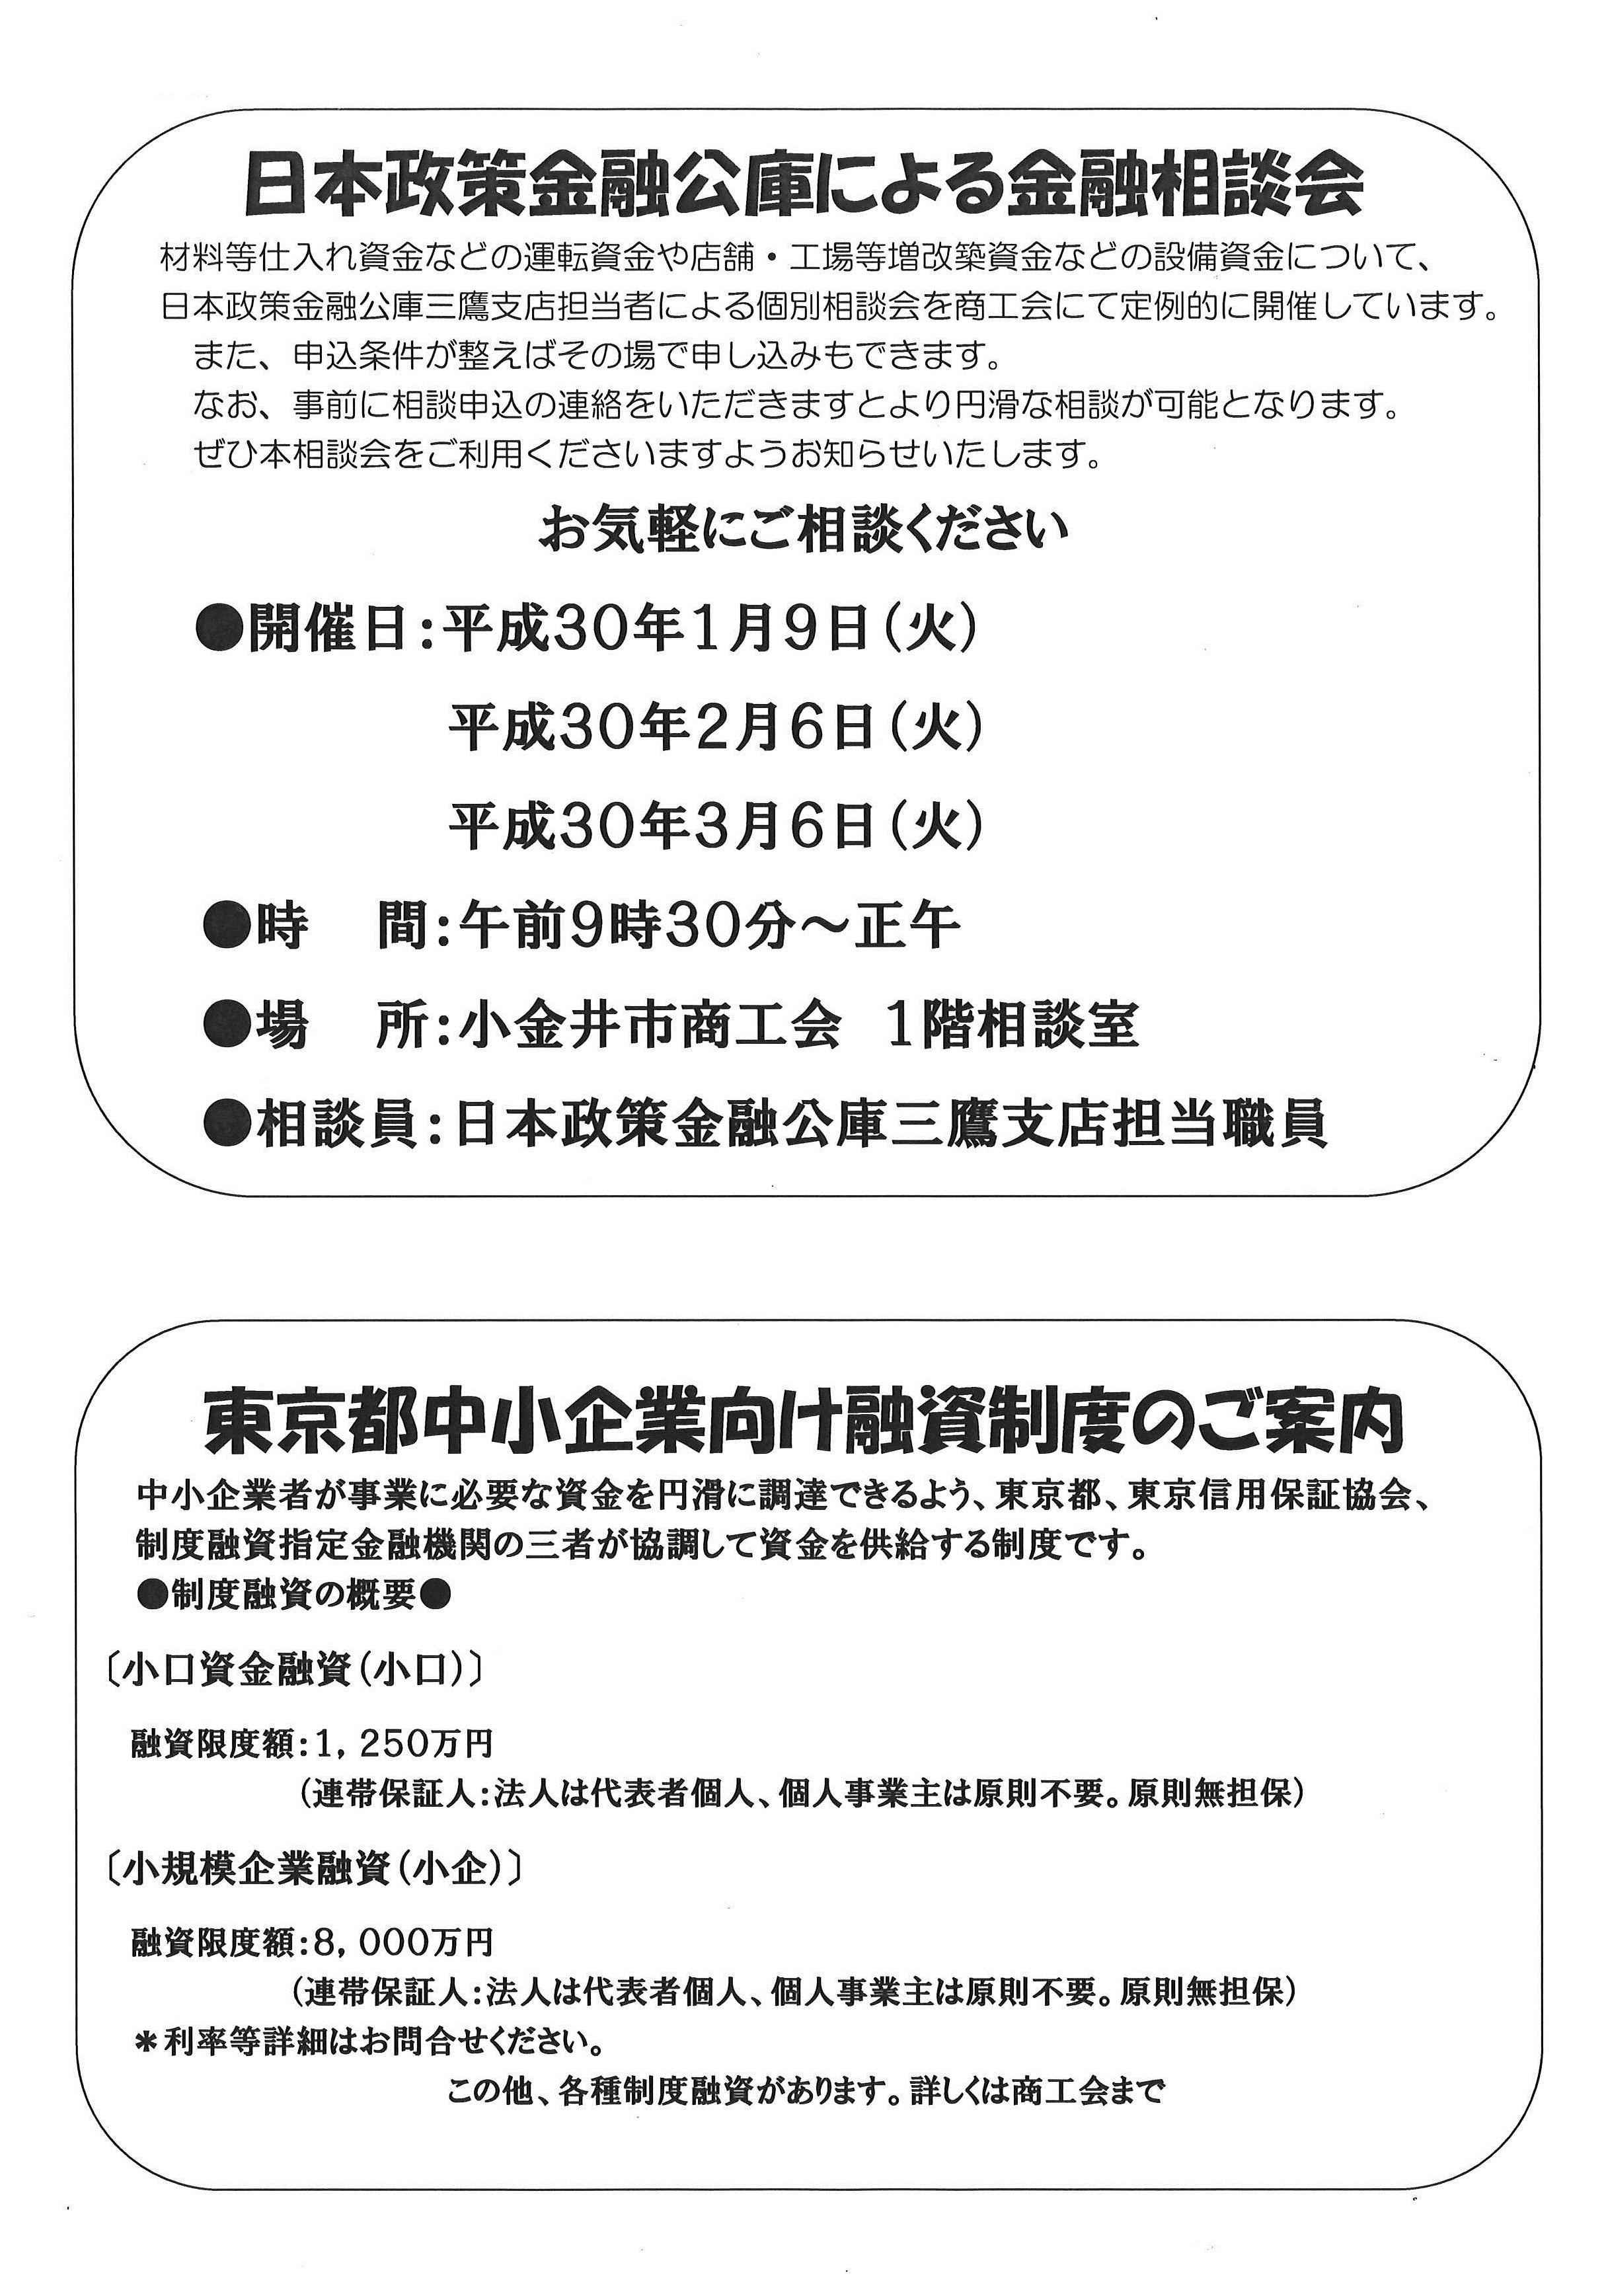 東京 都 保証 協会